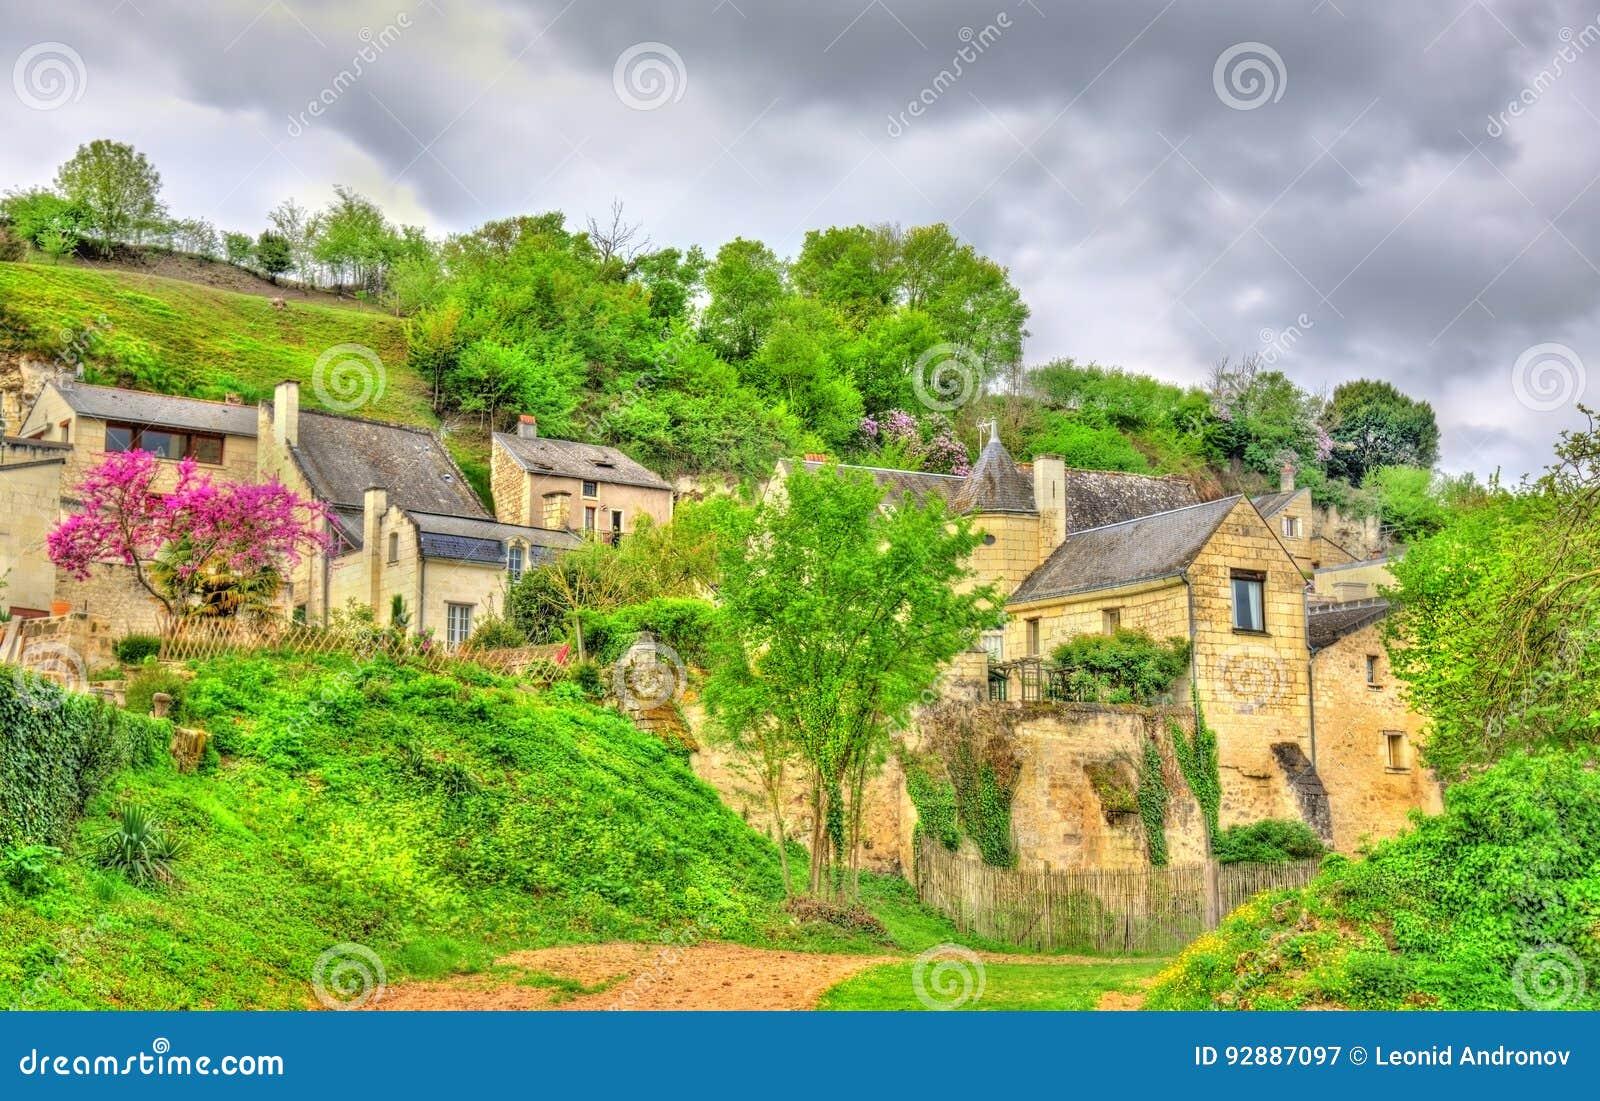 Gestalten Sie am Chateau de Montsoreau auf der Bank der Loires in Frankreich landschaftlich